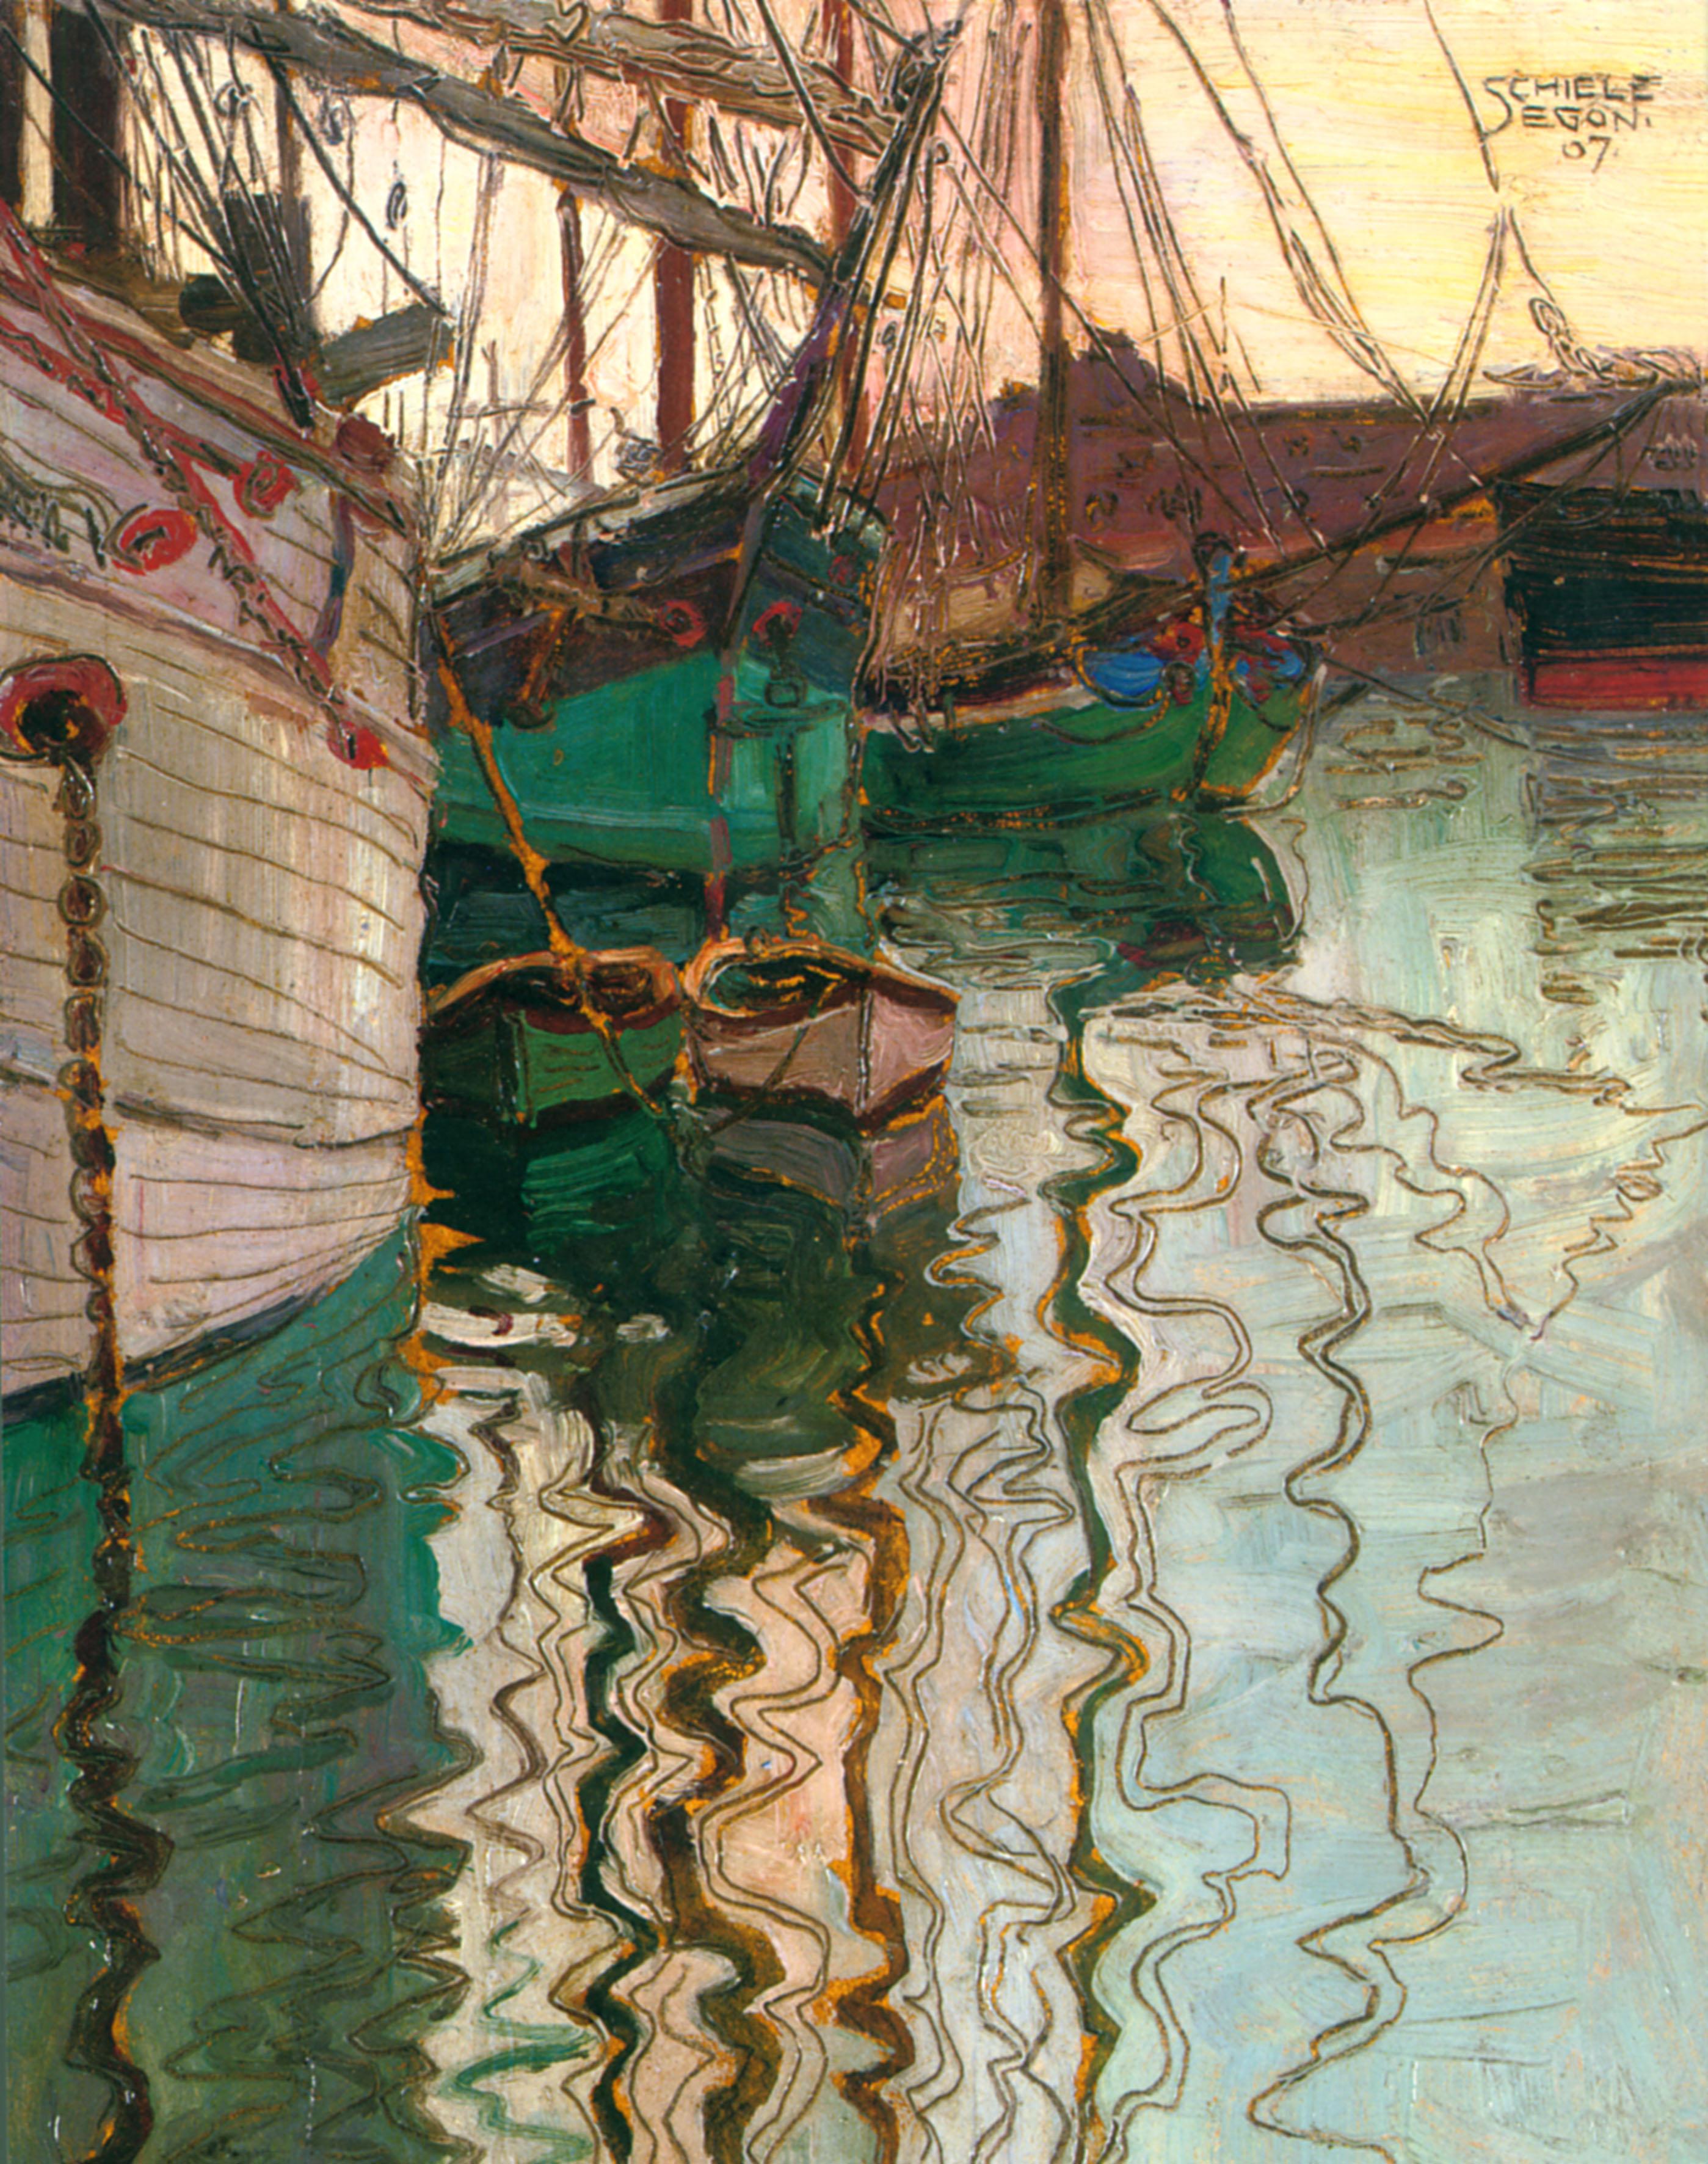 Fotografia de obra feita com tinta óleo e lápis sobre papel. Paisagem marinha com barcos dentro da água e, mais afastada,  uma casa.